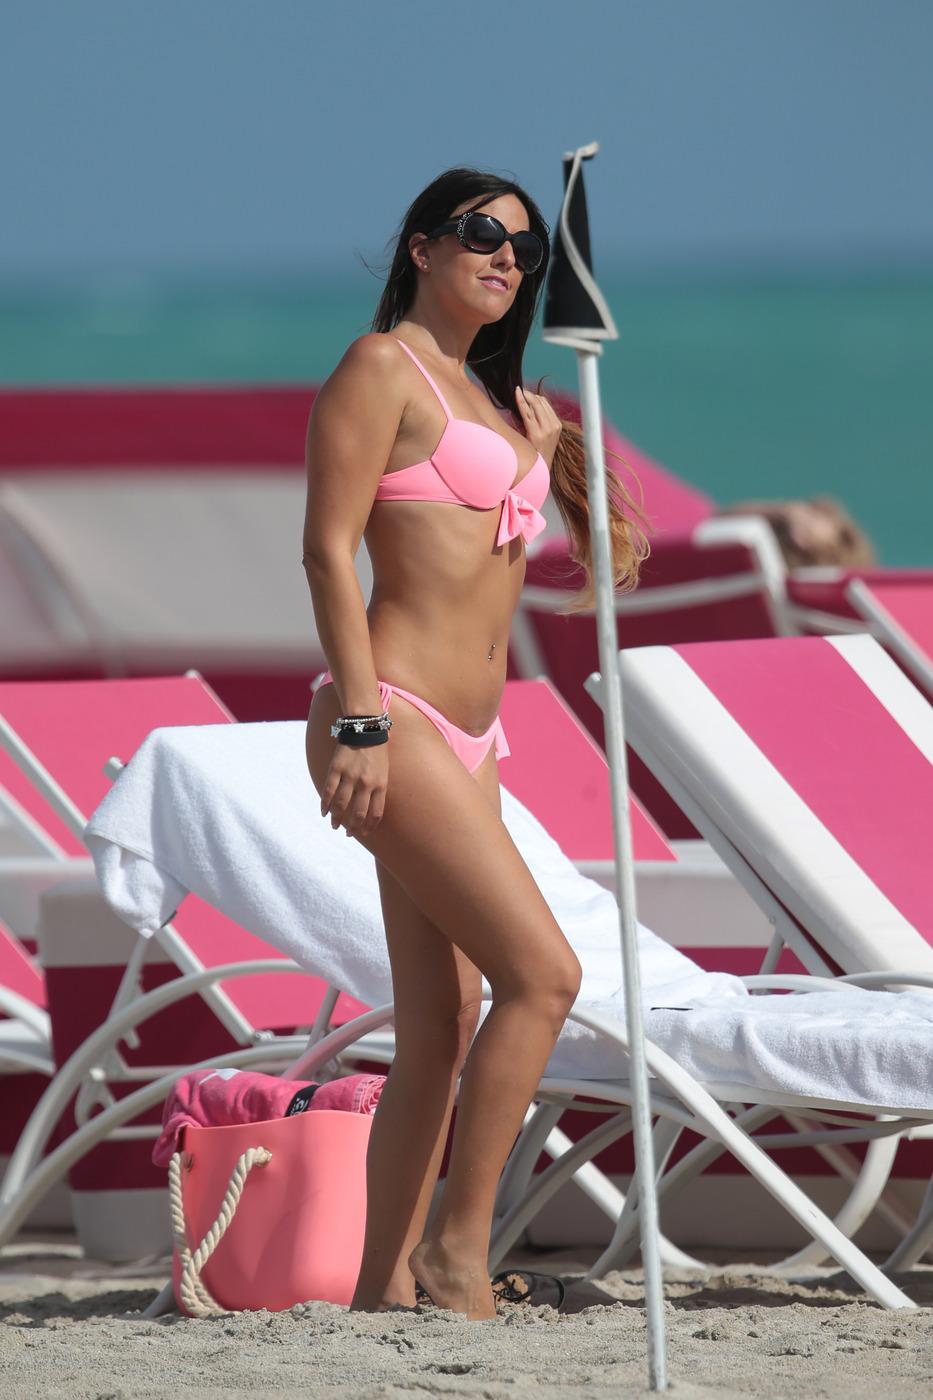 Italian model Claudia Romani wears a pink bikini to the beach in Miami